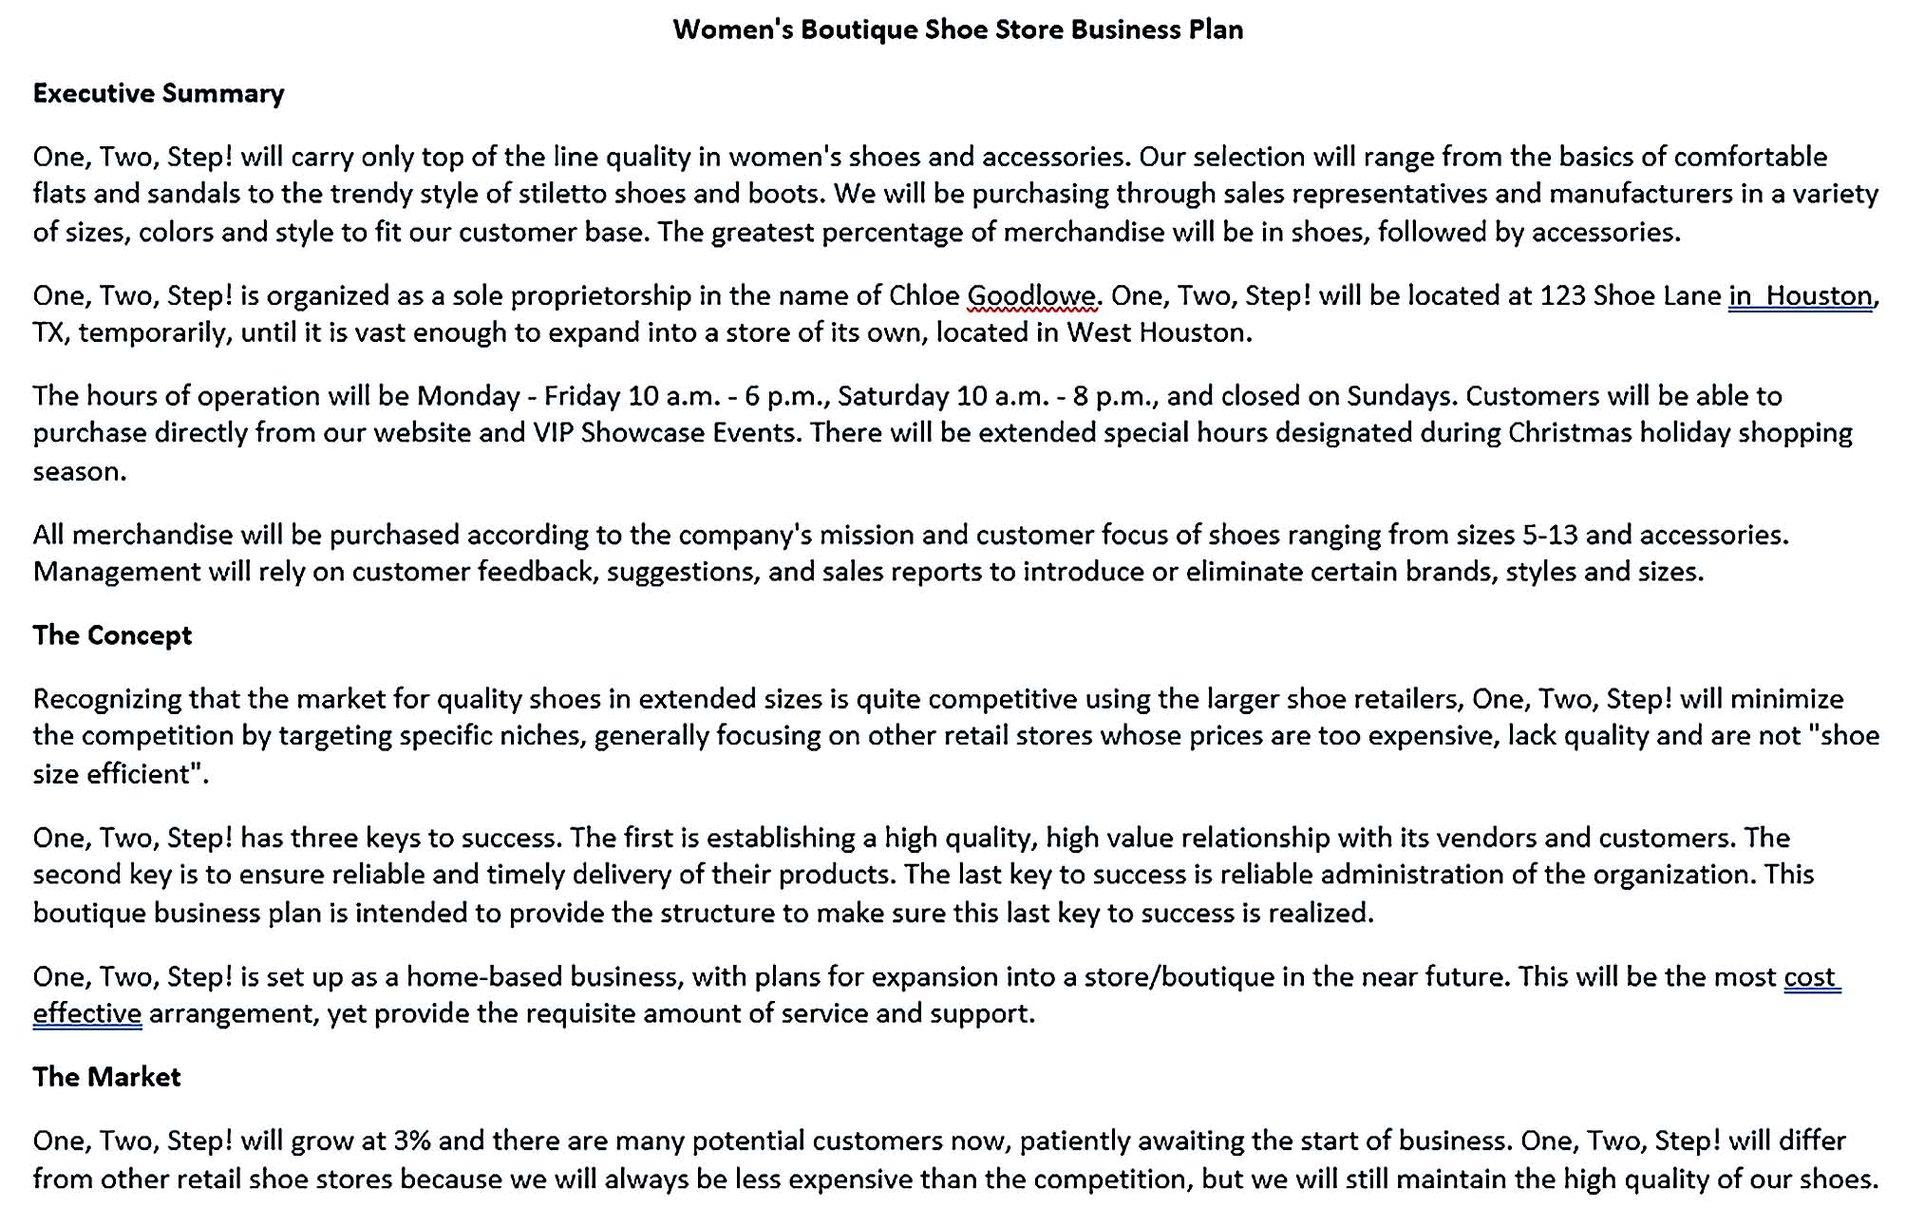 women s boutique shoe store business plan